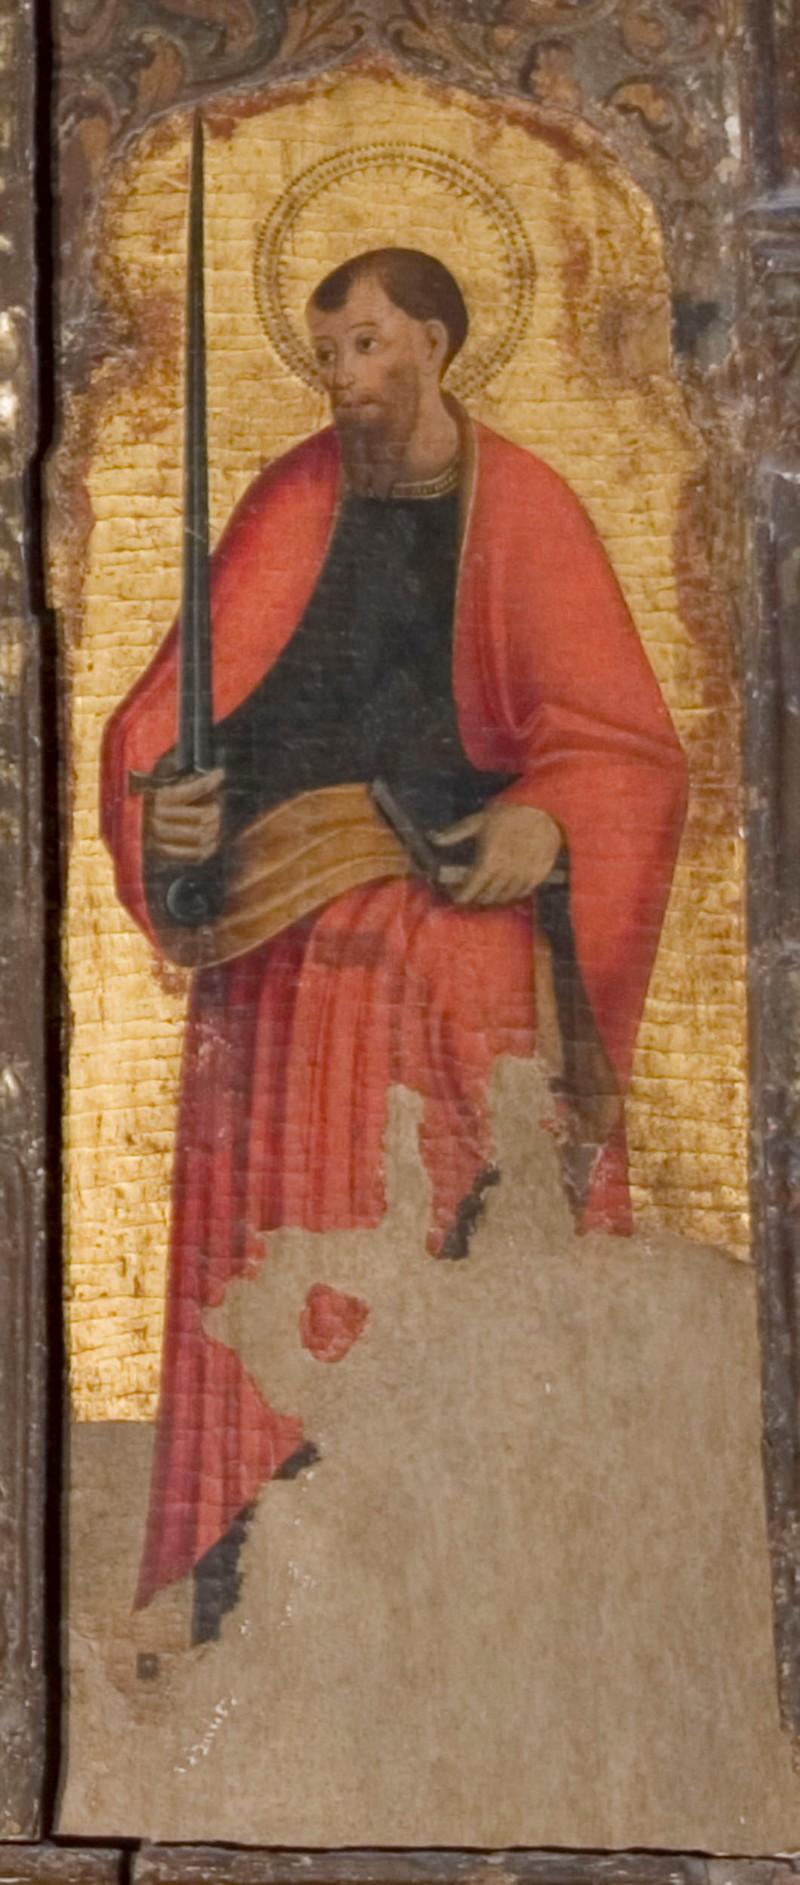 Ambito italiano sec. XV, San Paolo